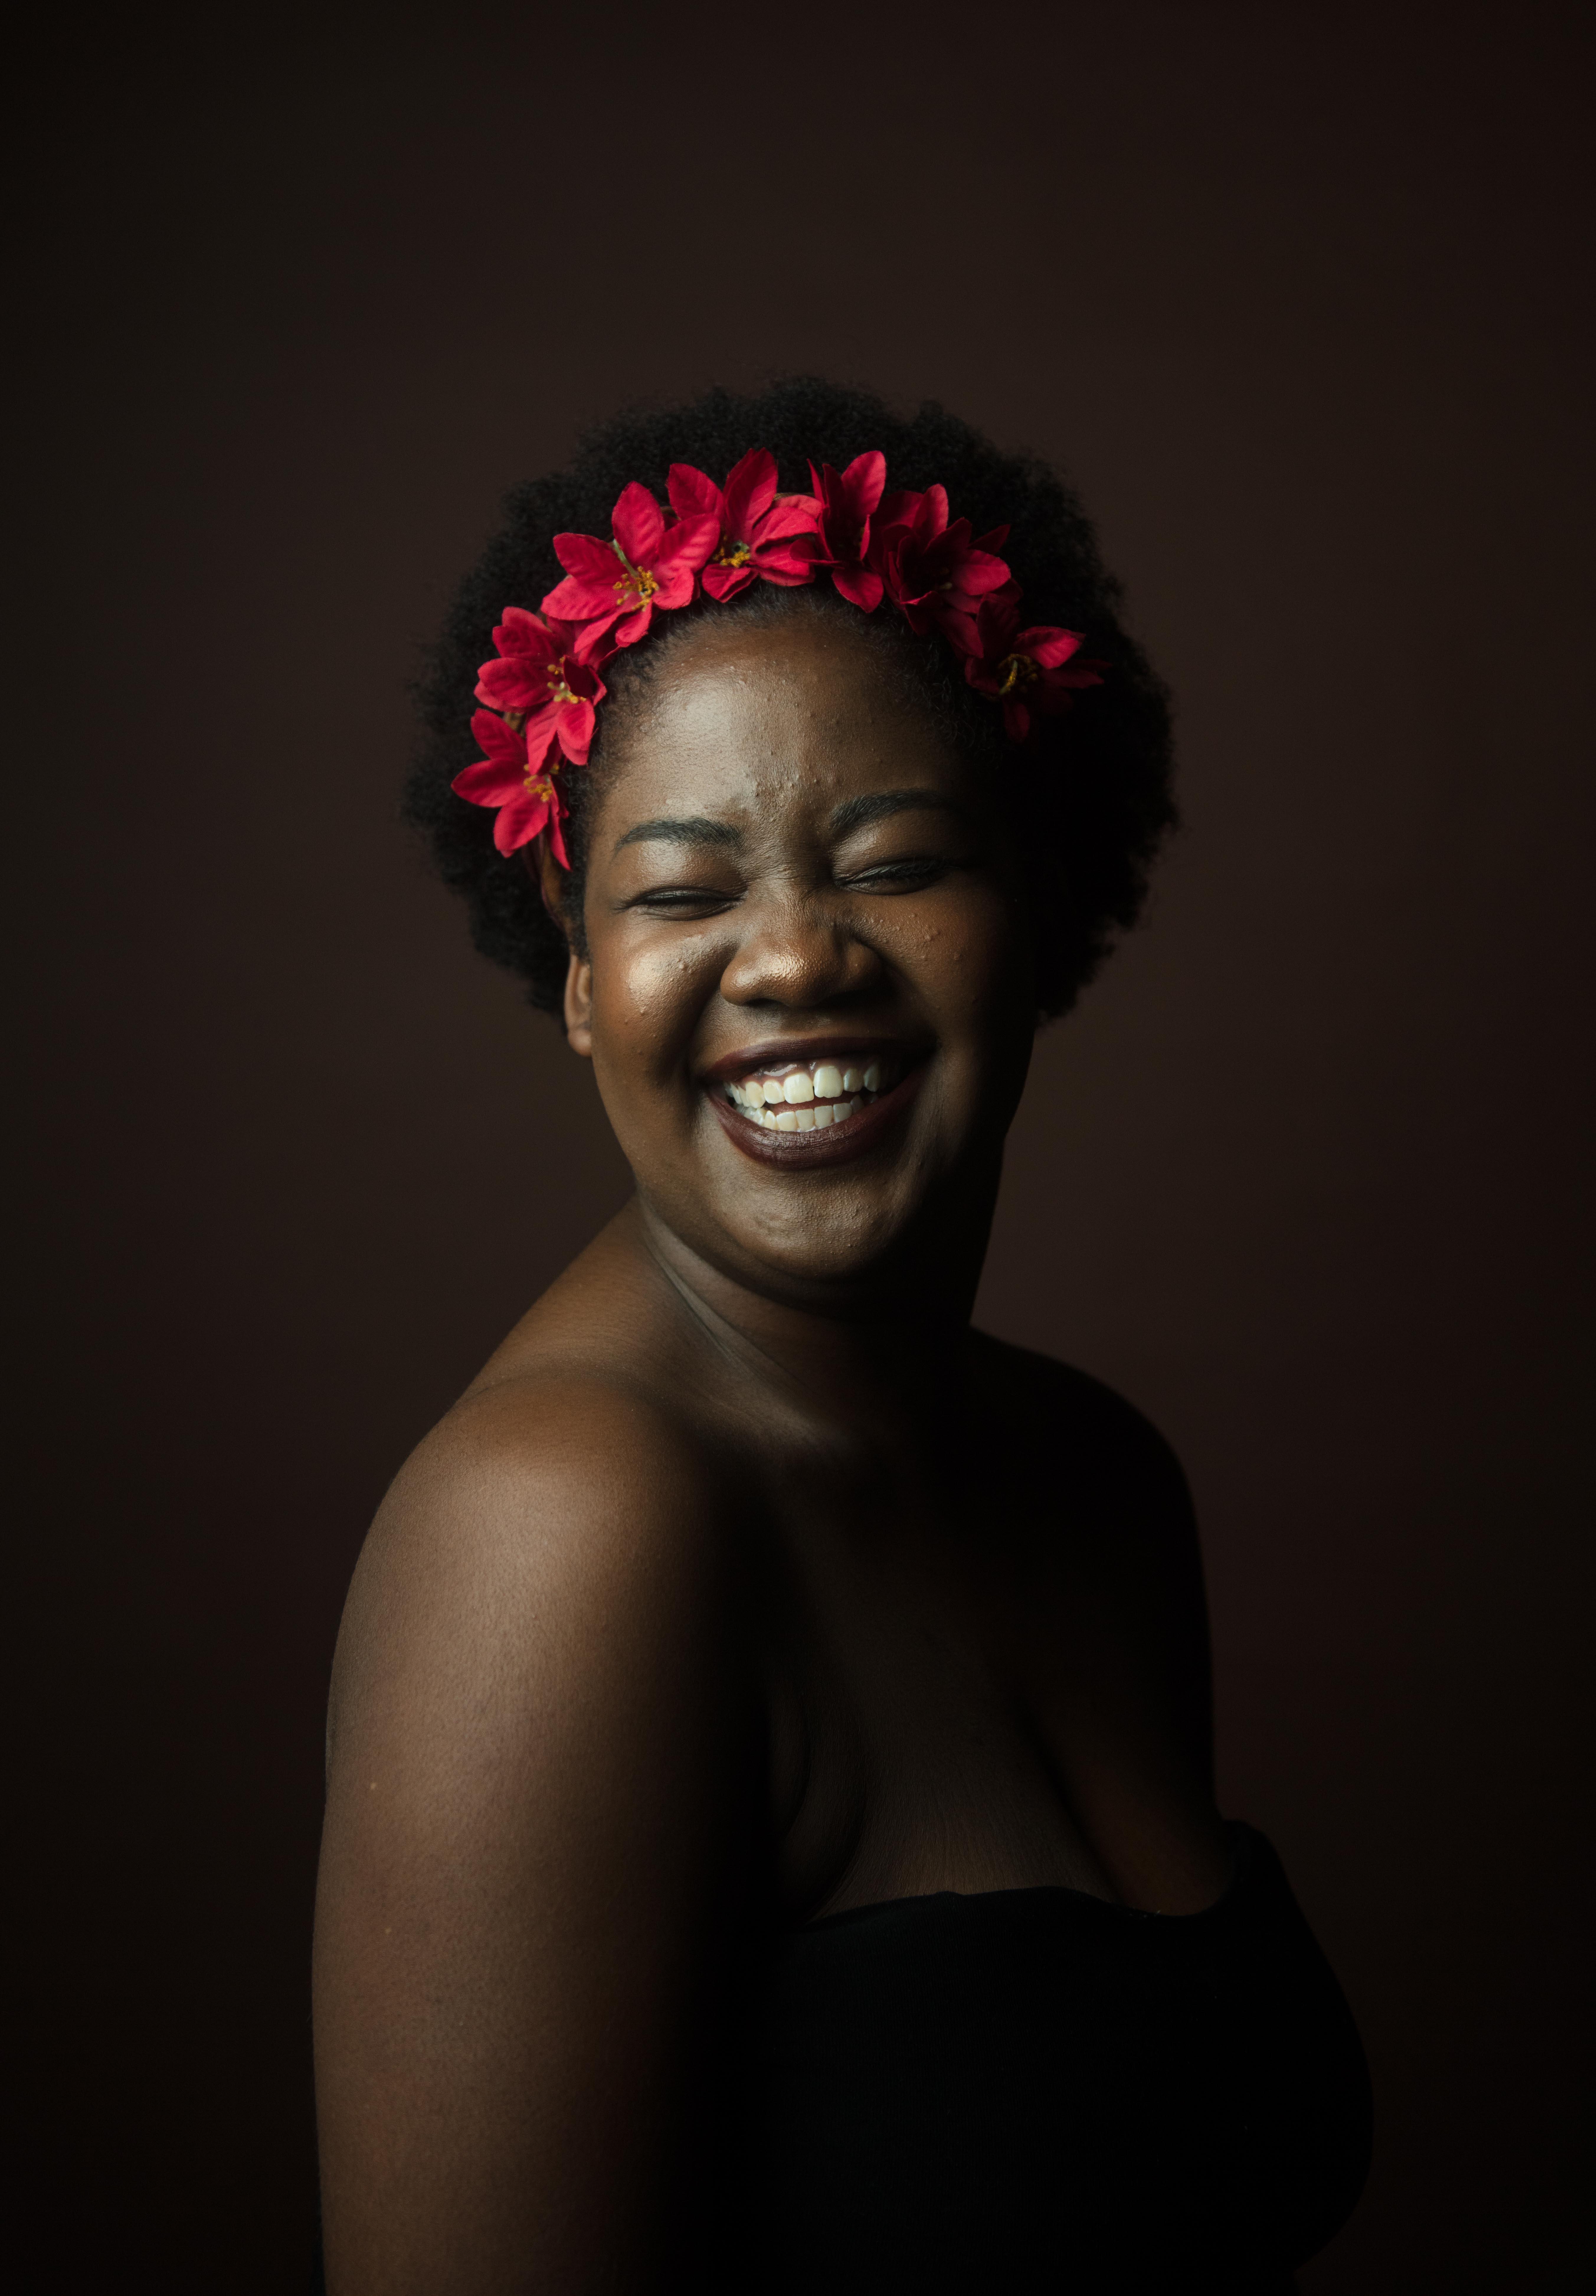 smiling woman wearing black top